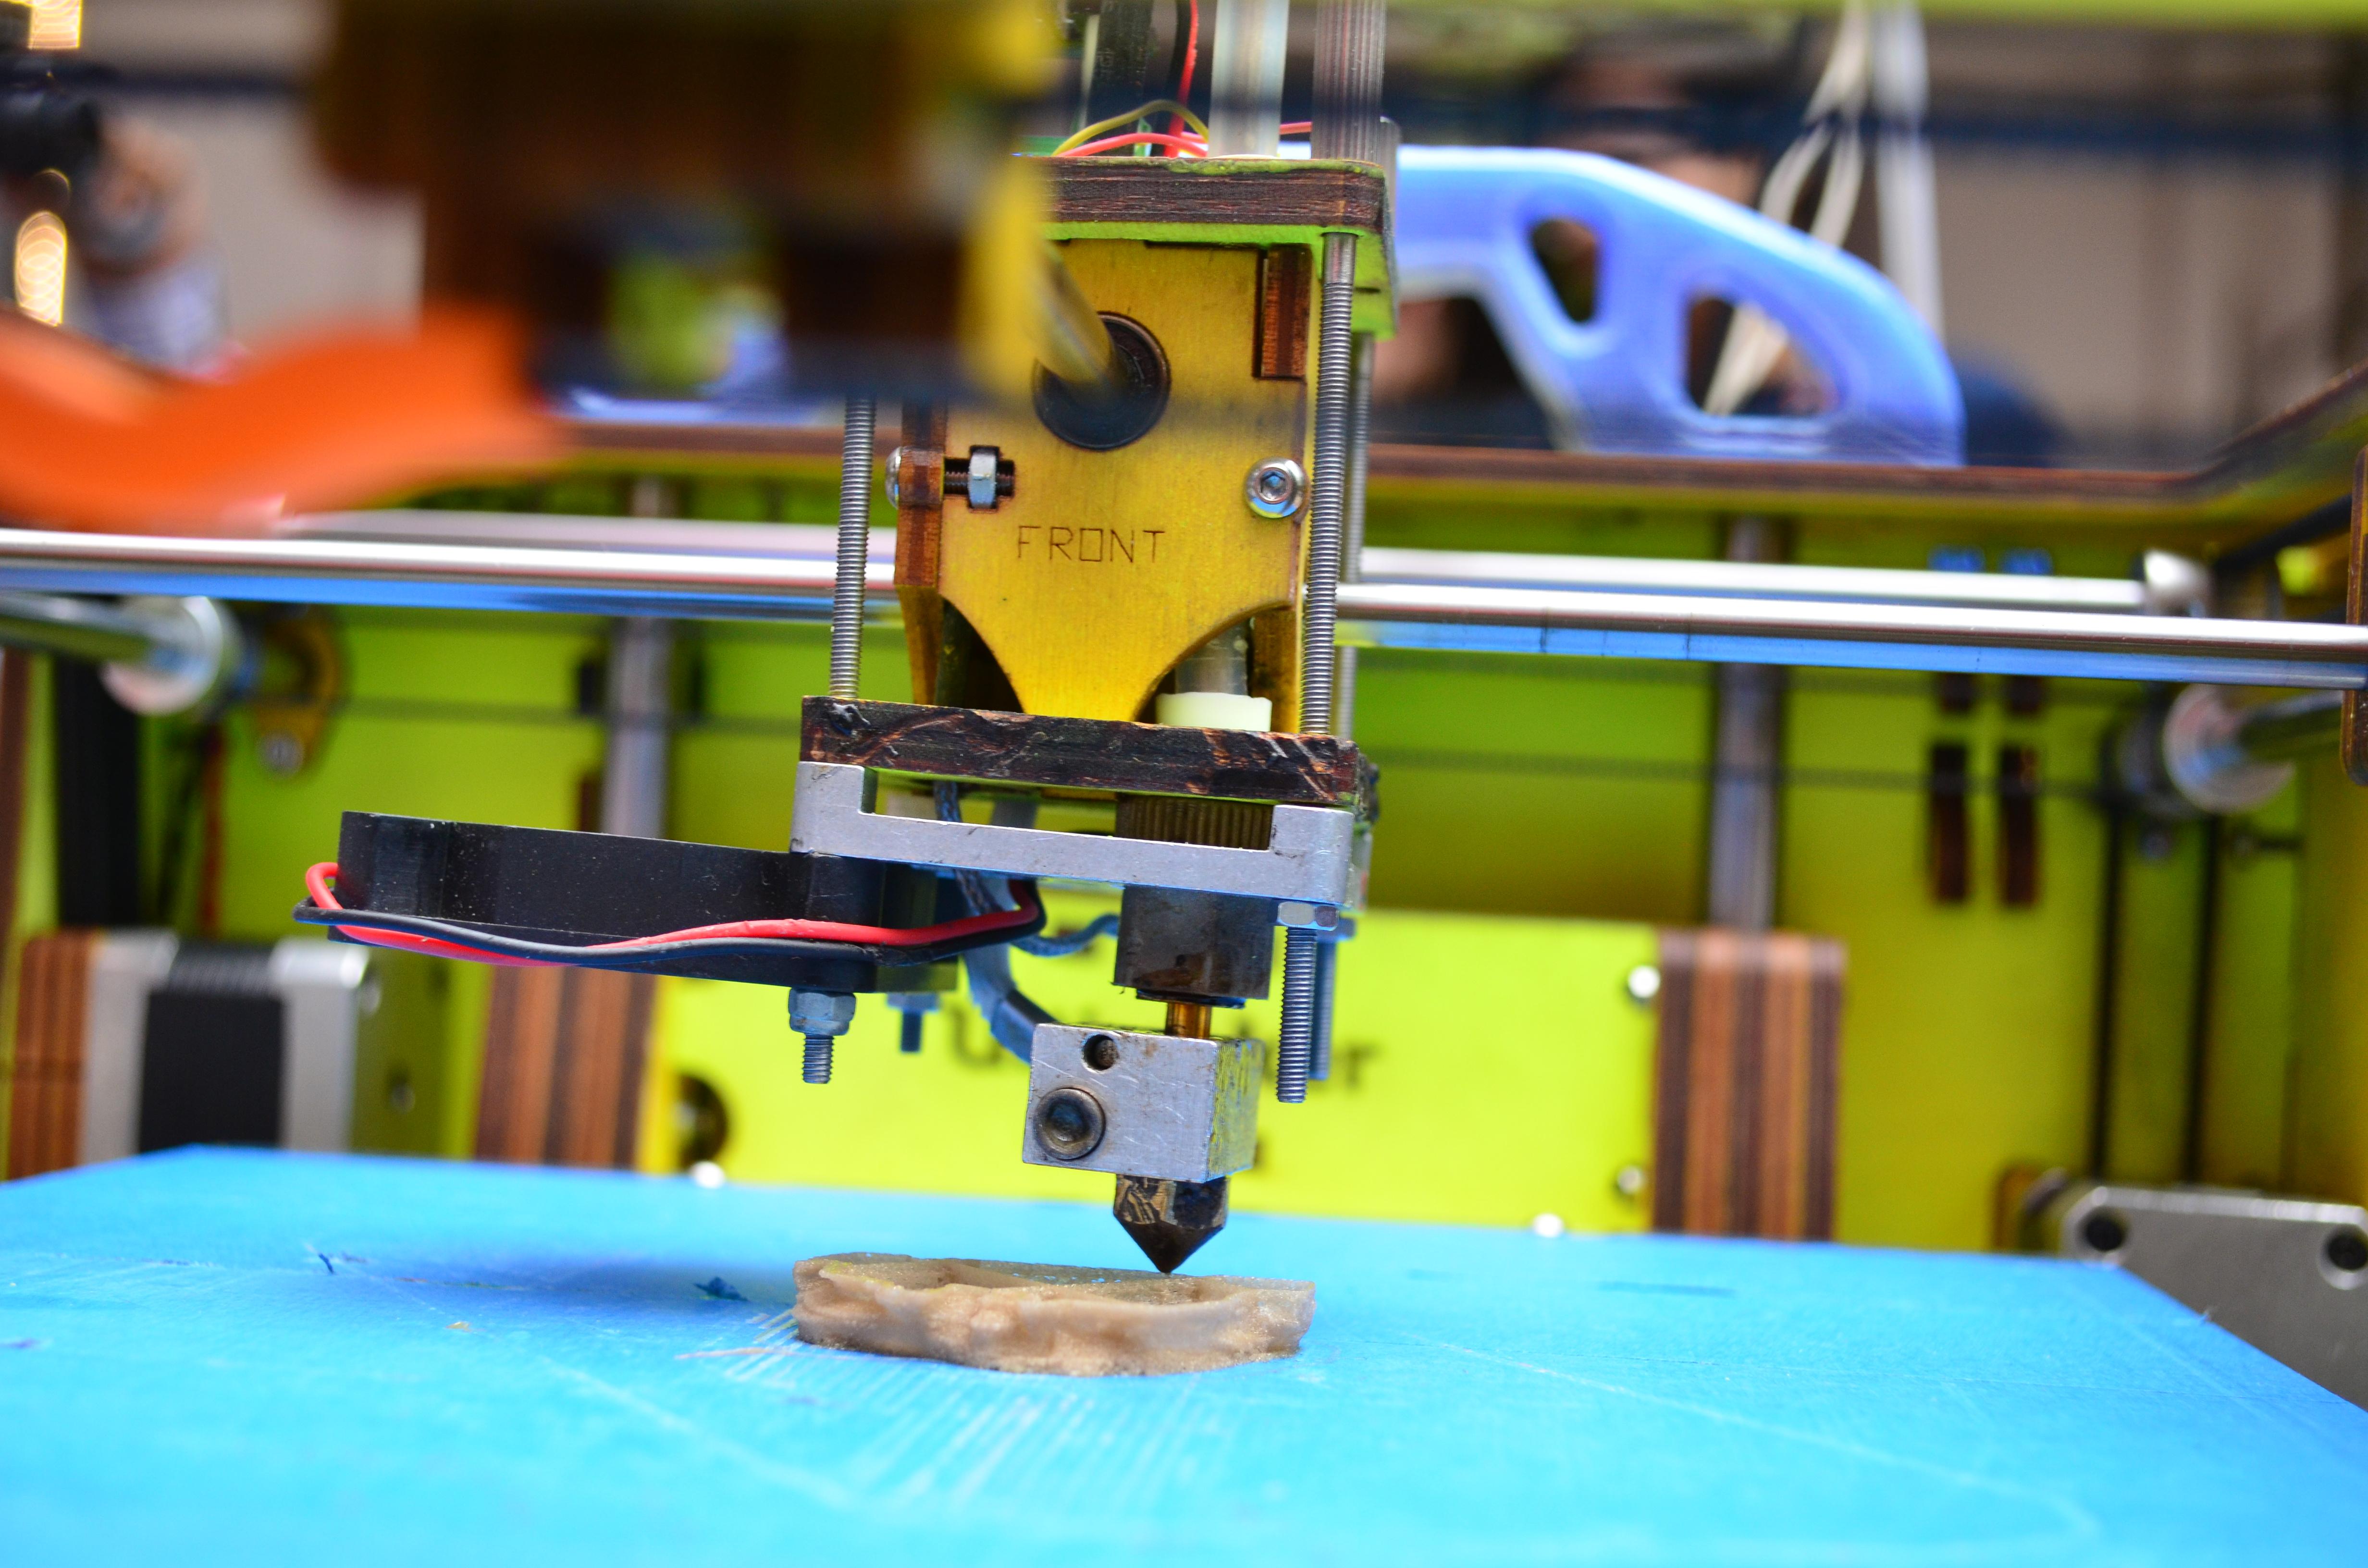 additive manofacturing